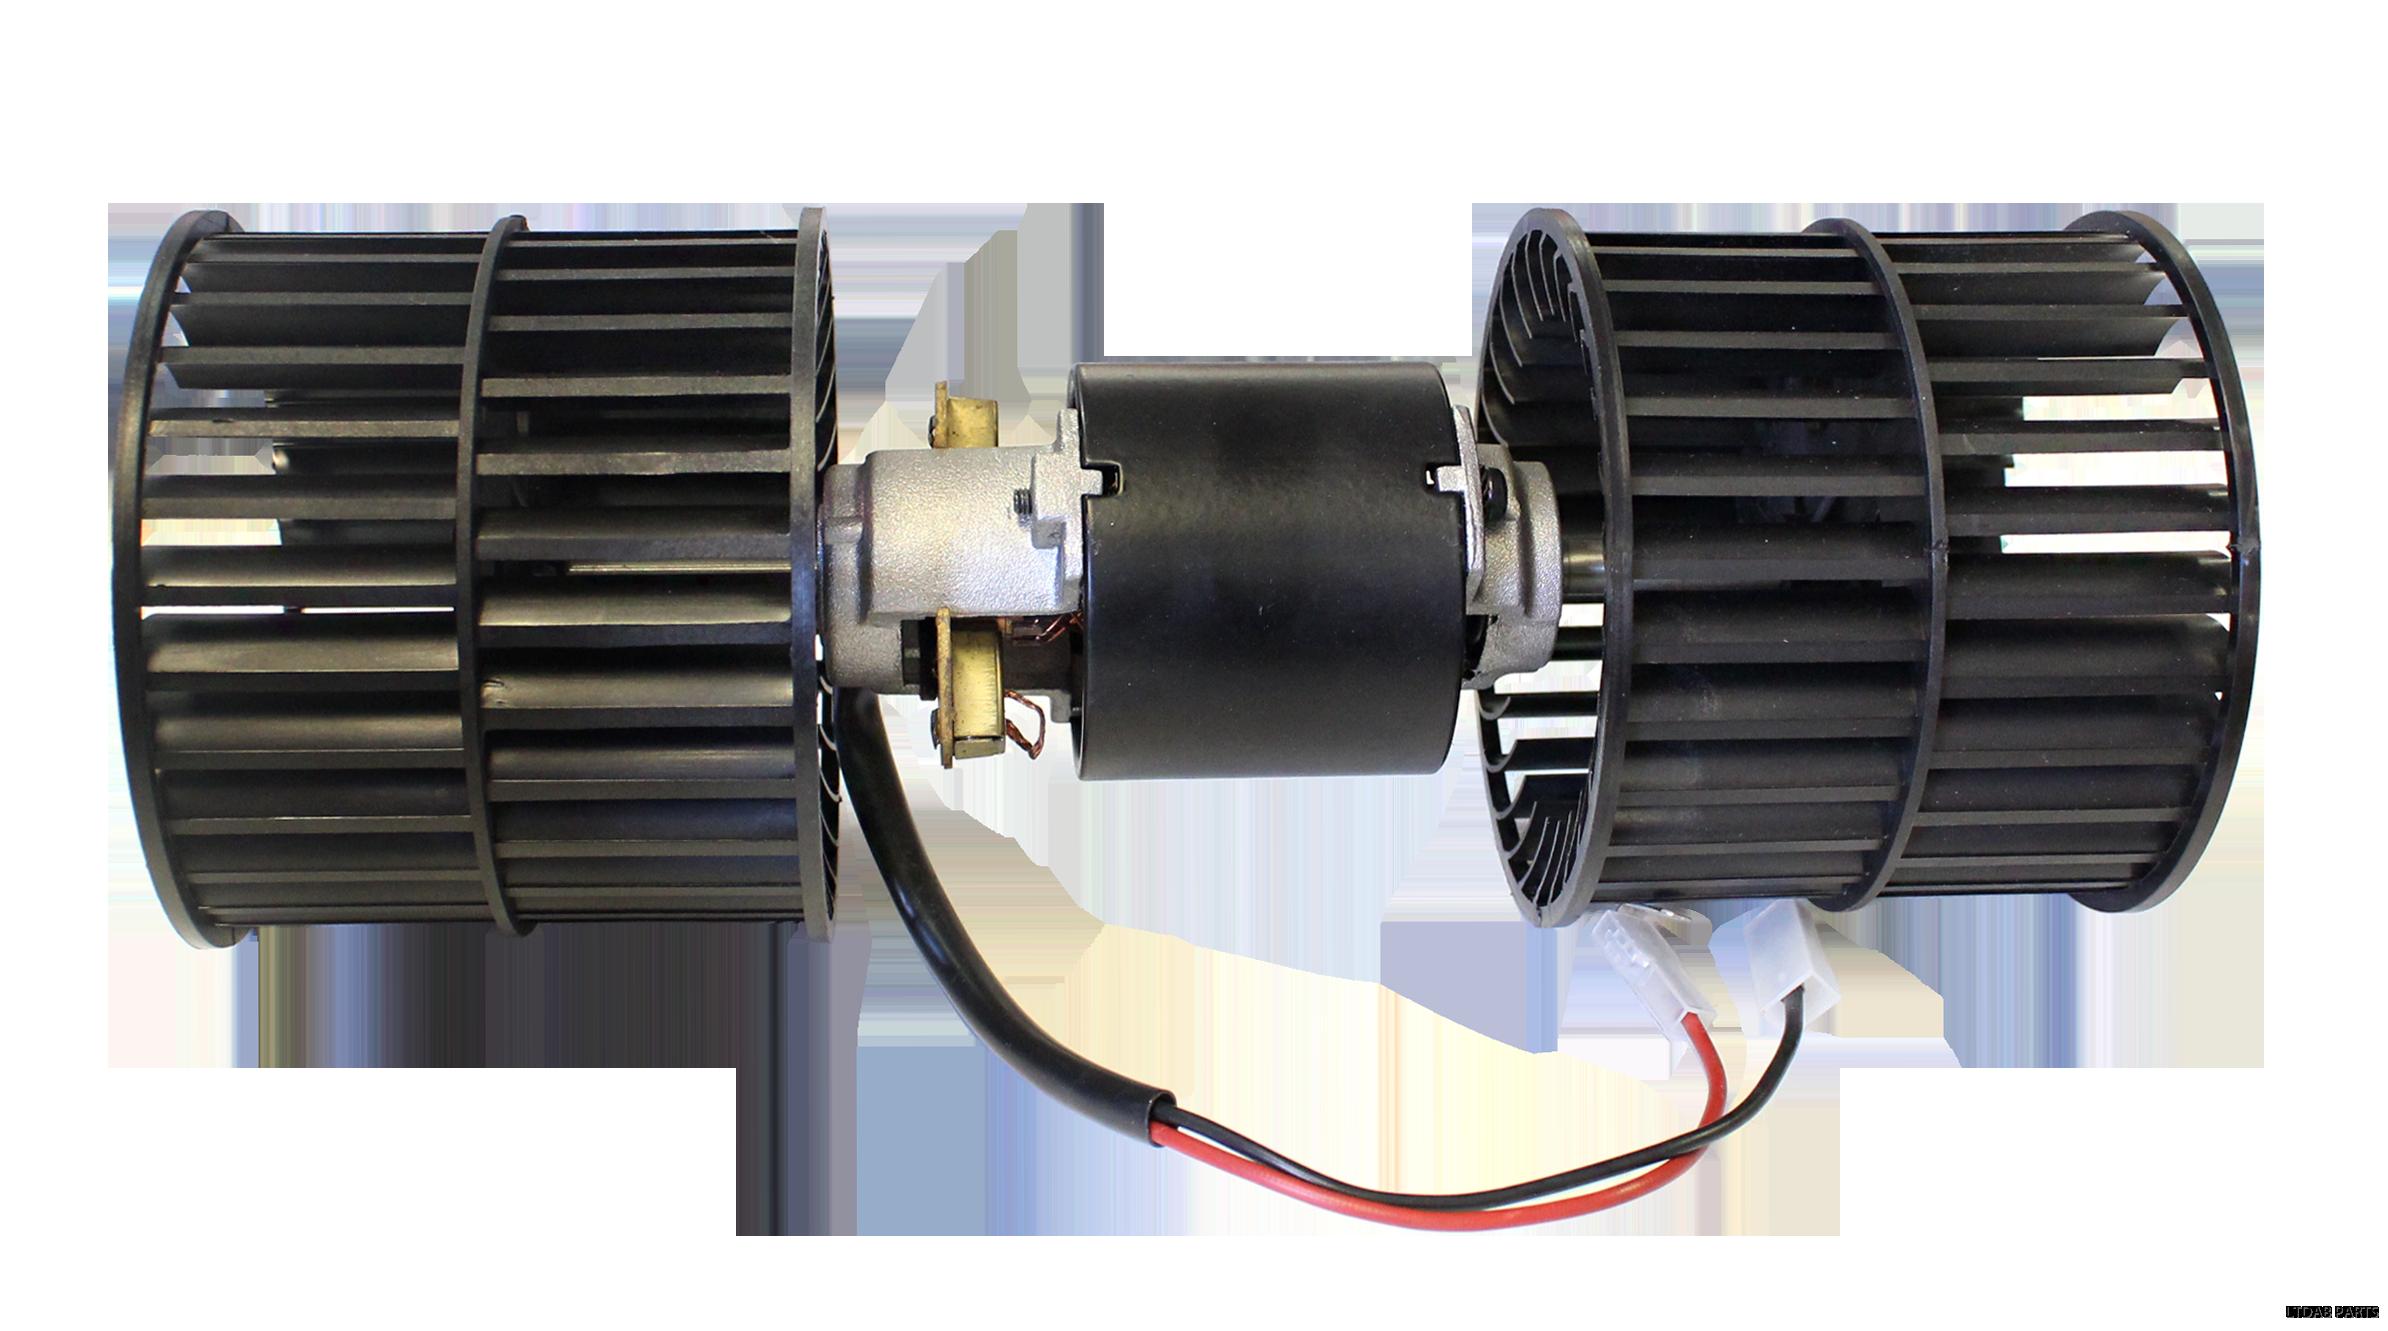 Berömda Fläktmotor 12v med fläkthjul. REF: AL25954 | Laholms GD-15